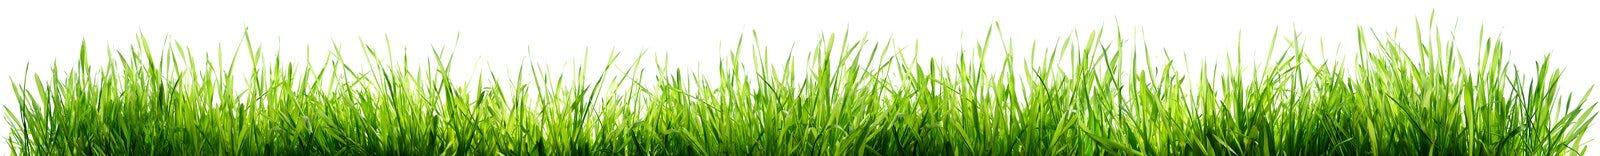 Gras getrennt auf Weiß